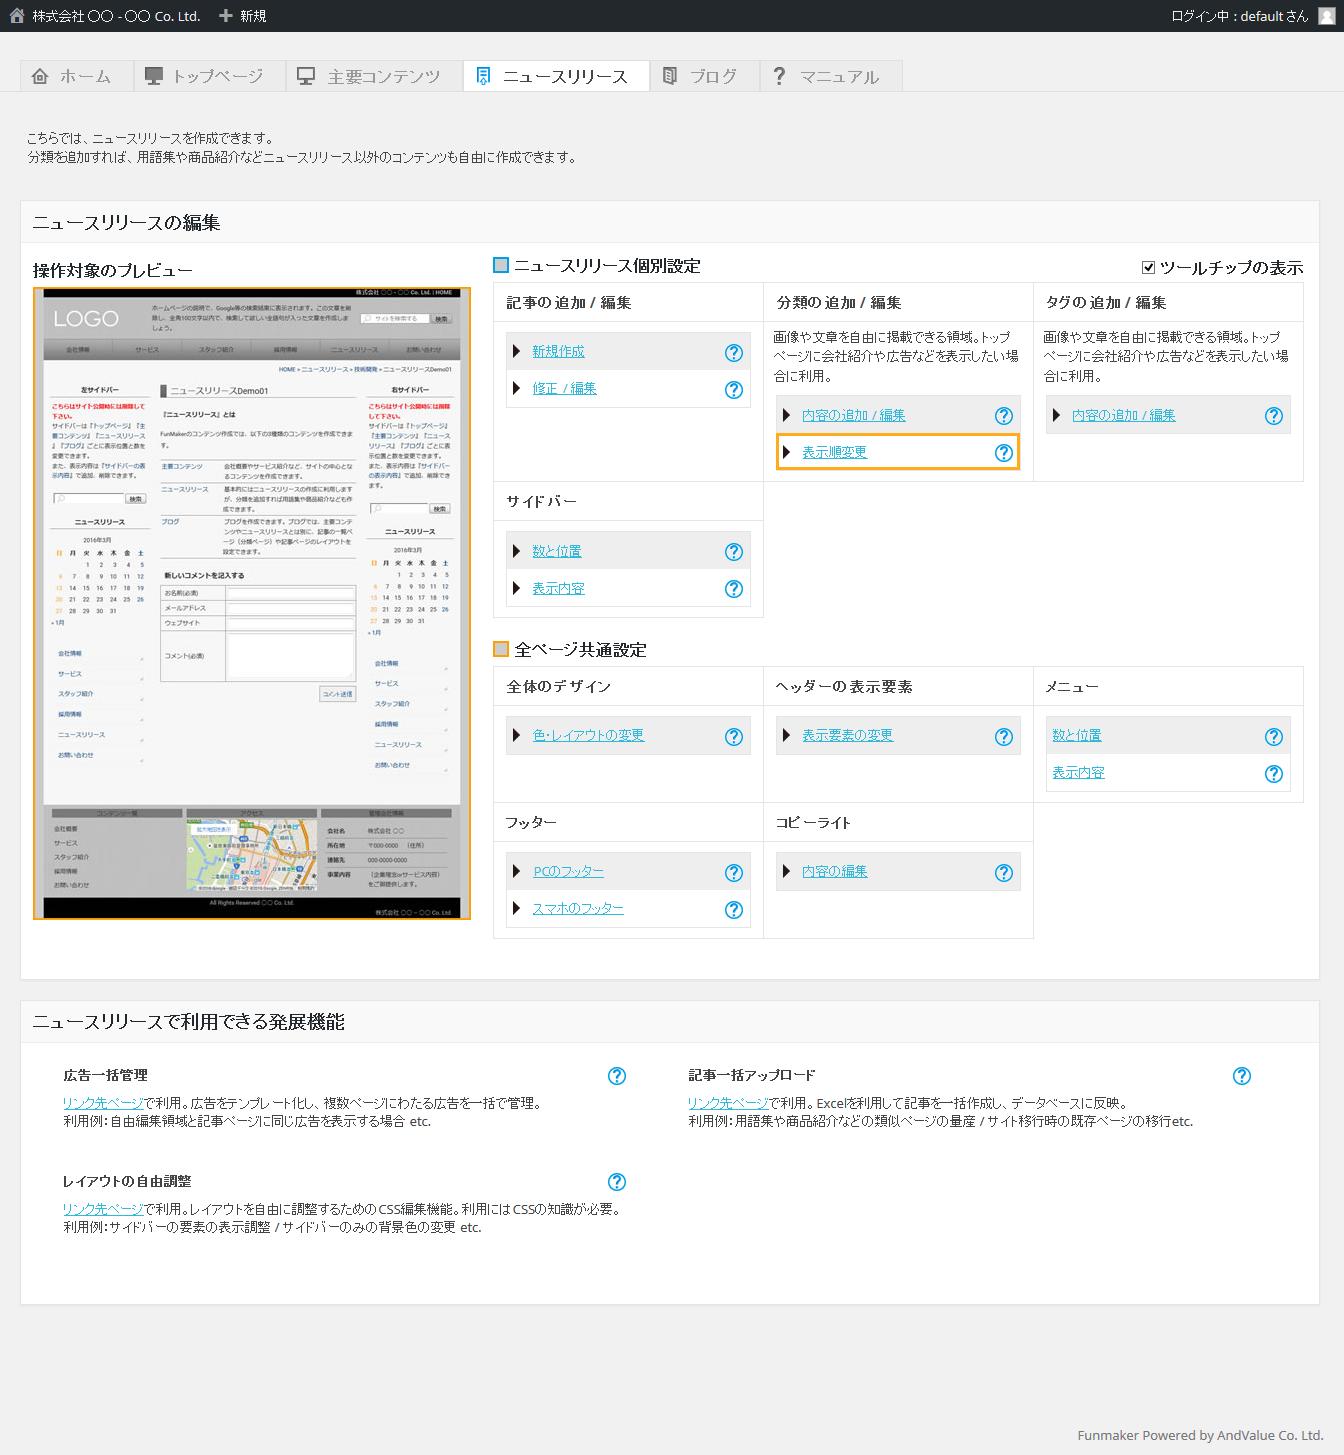 分類順の変更 - 簡単格安ホームページ作成会社 -FunMaker